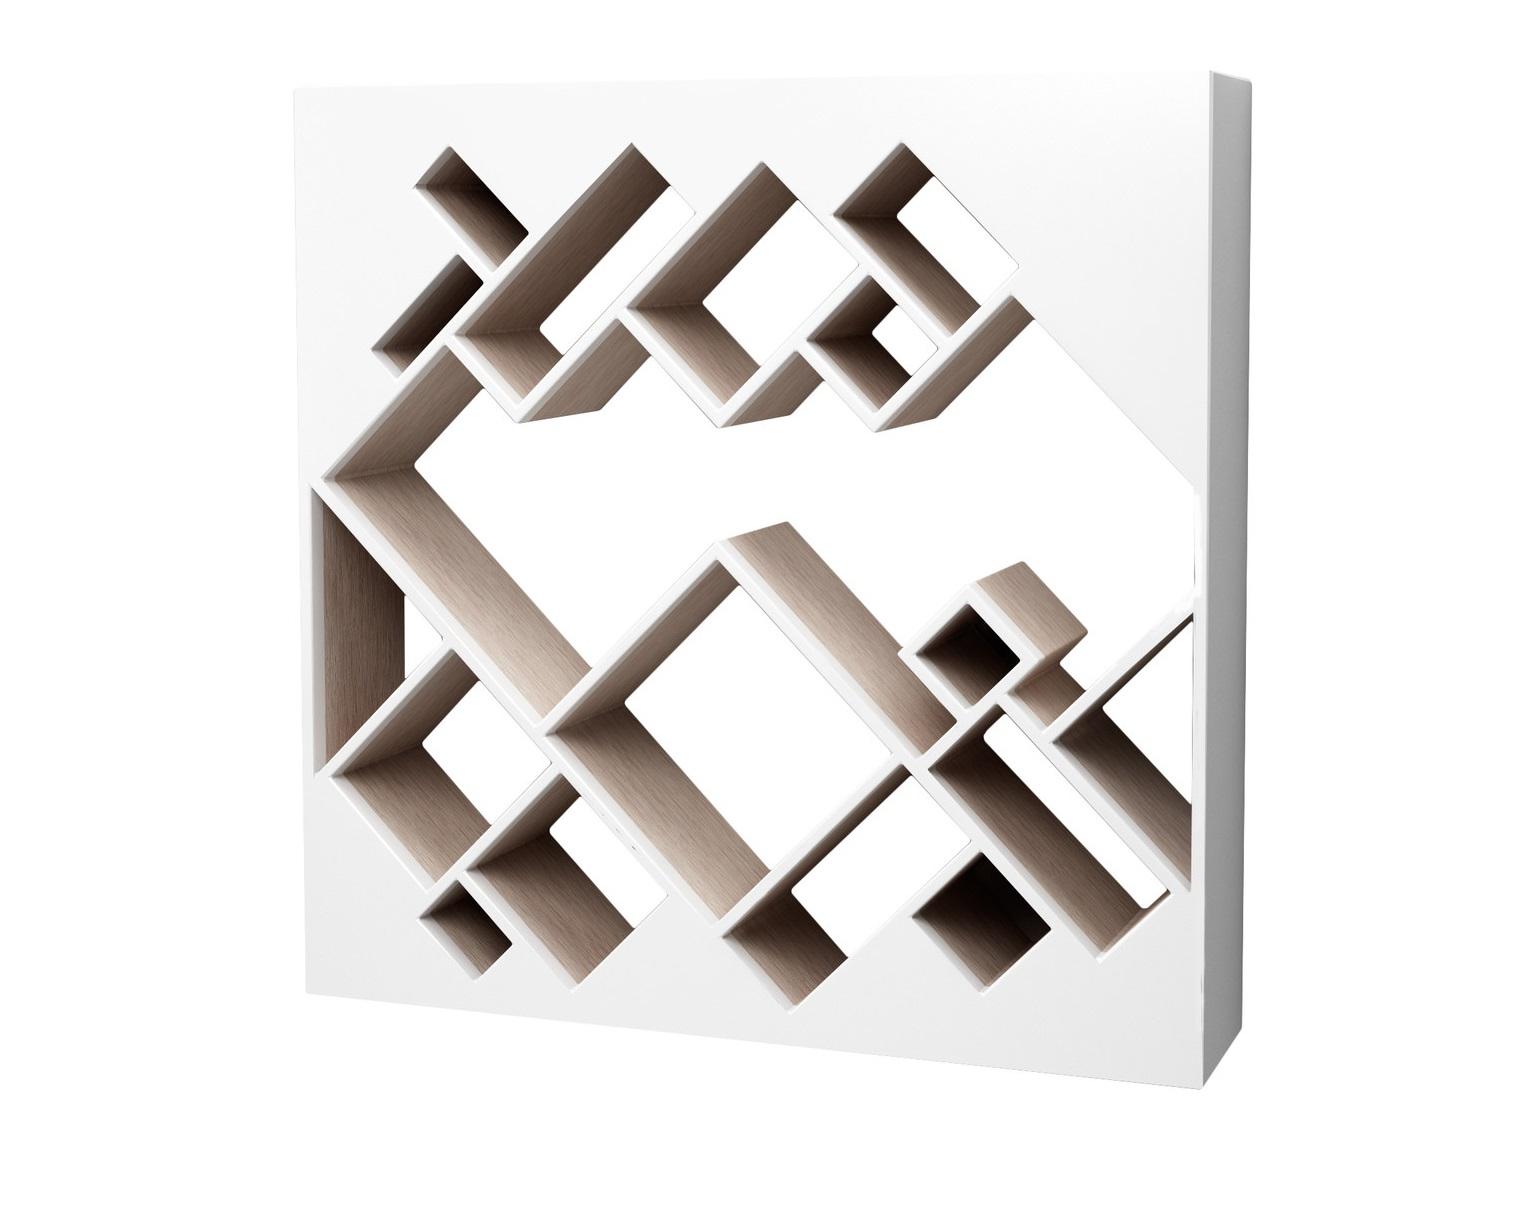 Полка ГеометрияПолки<br>Яркая дизайнерская полка поднимет Вам настроение, а удобный функционал даст возможность расставить книги и предметы по Вашему вкусу!&amp;amp;nbsp;&amp;lt;div&amp;gt;Материал: МДФ, шпон, эмаль&amp;amp;nbsp;&amp;lt;/div&amp;gt;<br><br>Material: МДФ<br>Ширина см: 115.0<br>Высота см: 115.0<br>Глубина см: 25.0